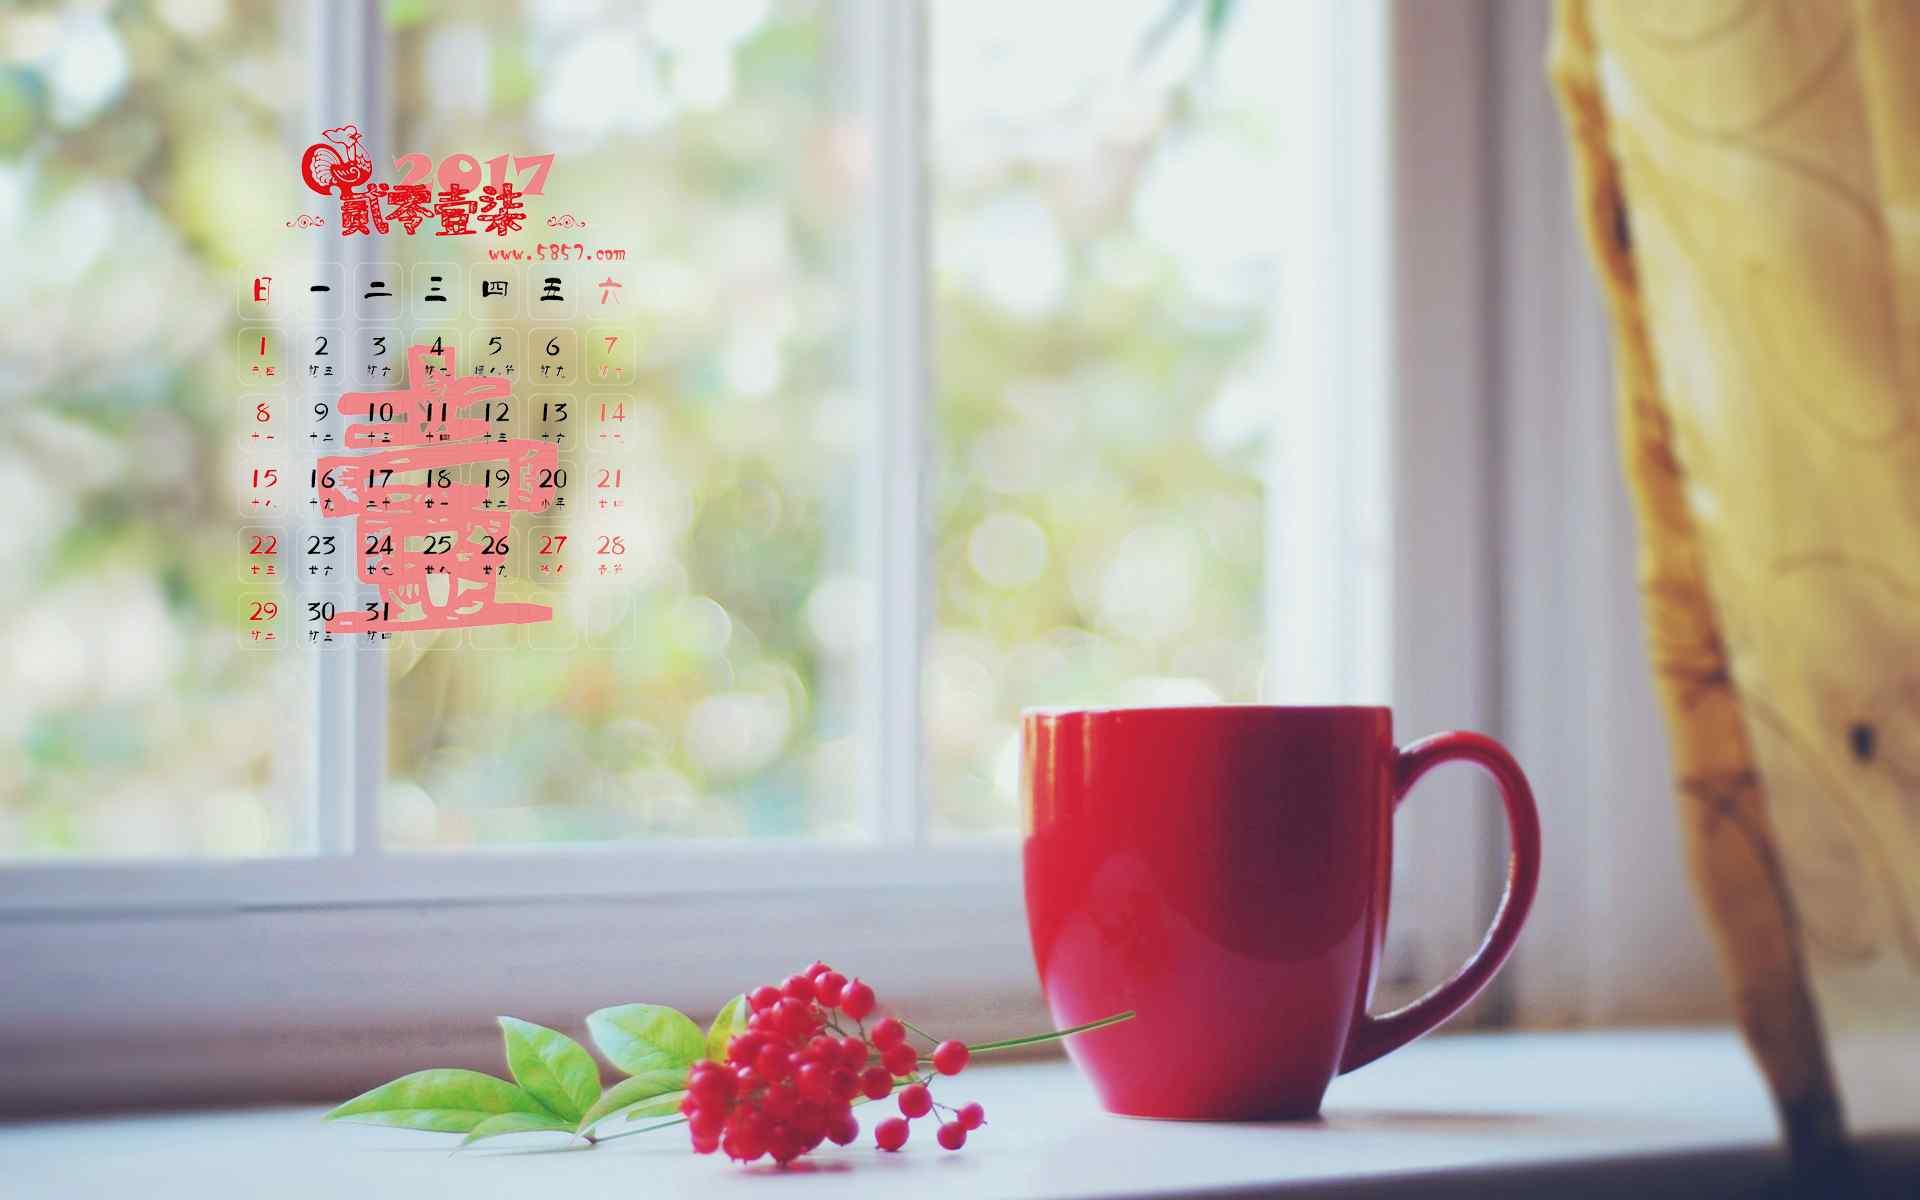 2017年1月日历可爱唯美图片高清壁纸